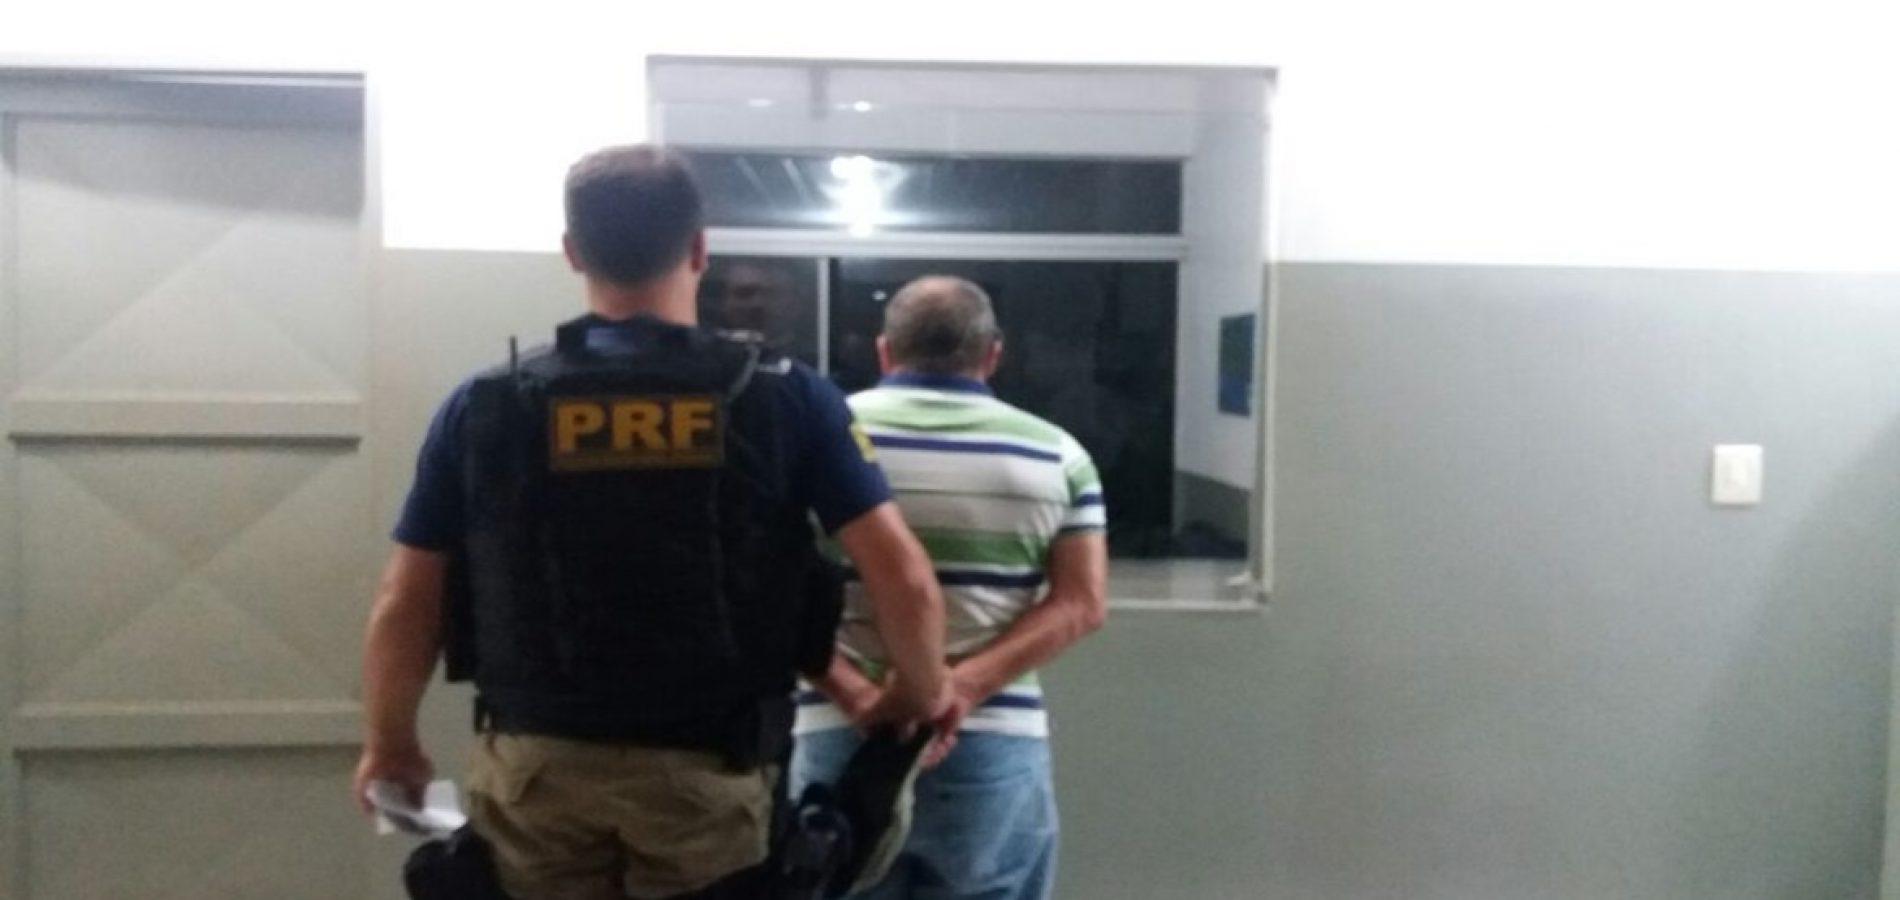 PRF prende homem com mandado de prisão em aberto na BR-343